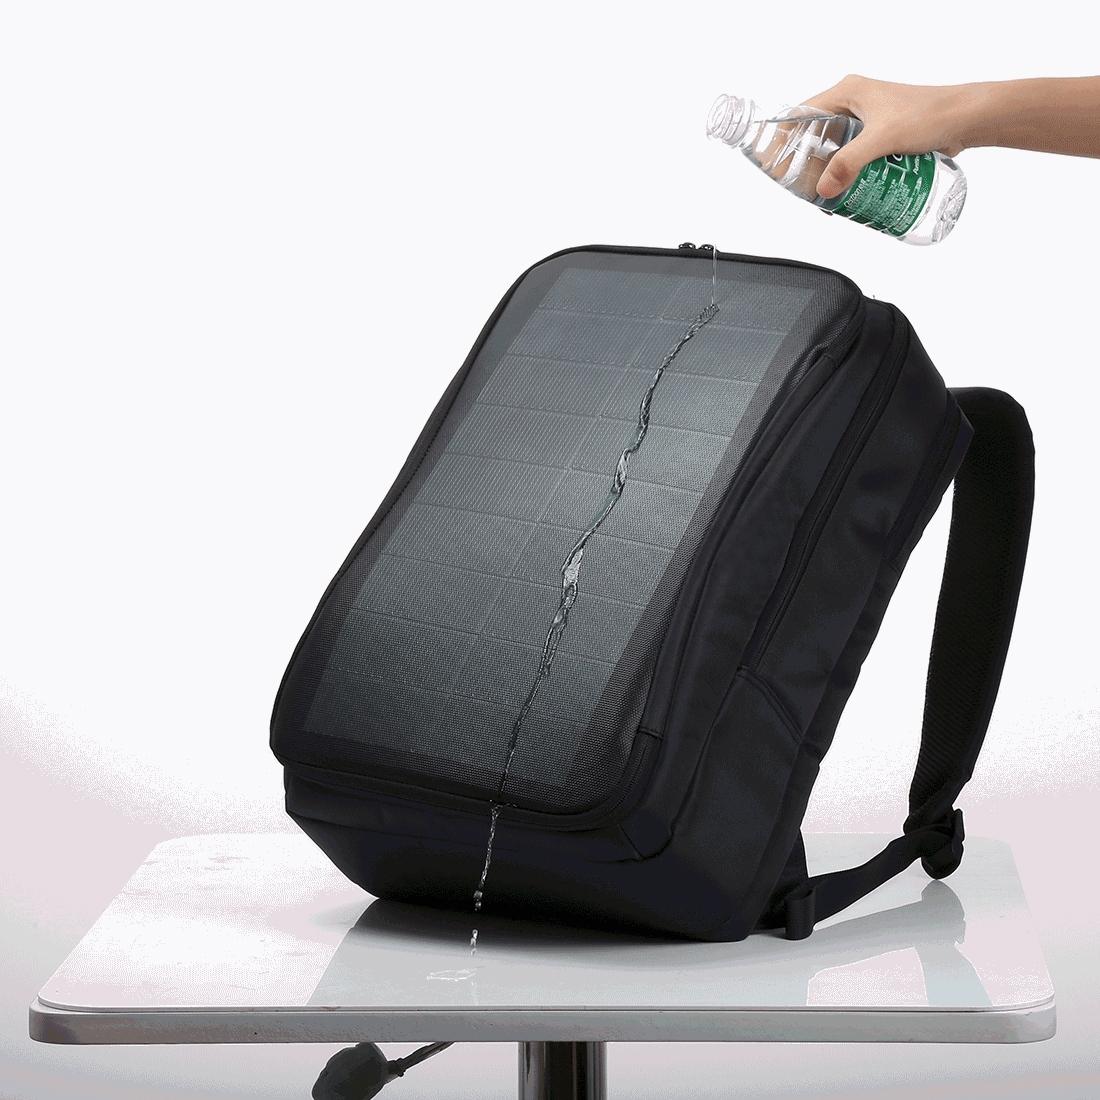 【防災やちょっとした旅行に】USBスマホ充電機能付きソーラーパネル付きリュック